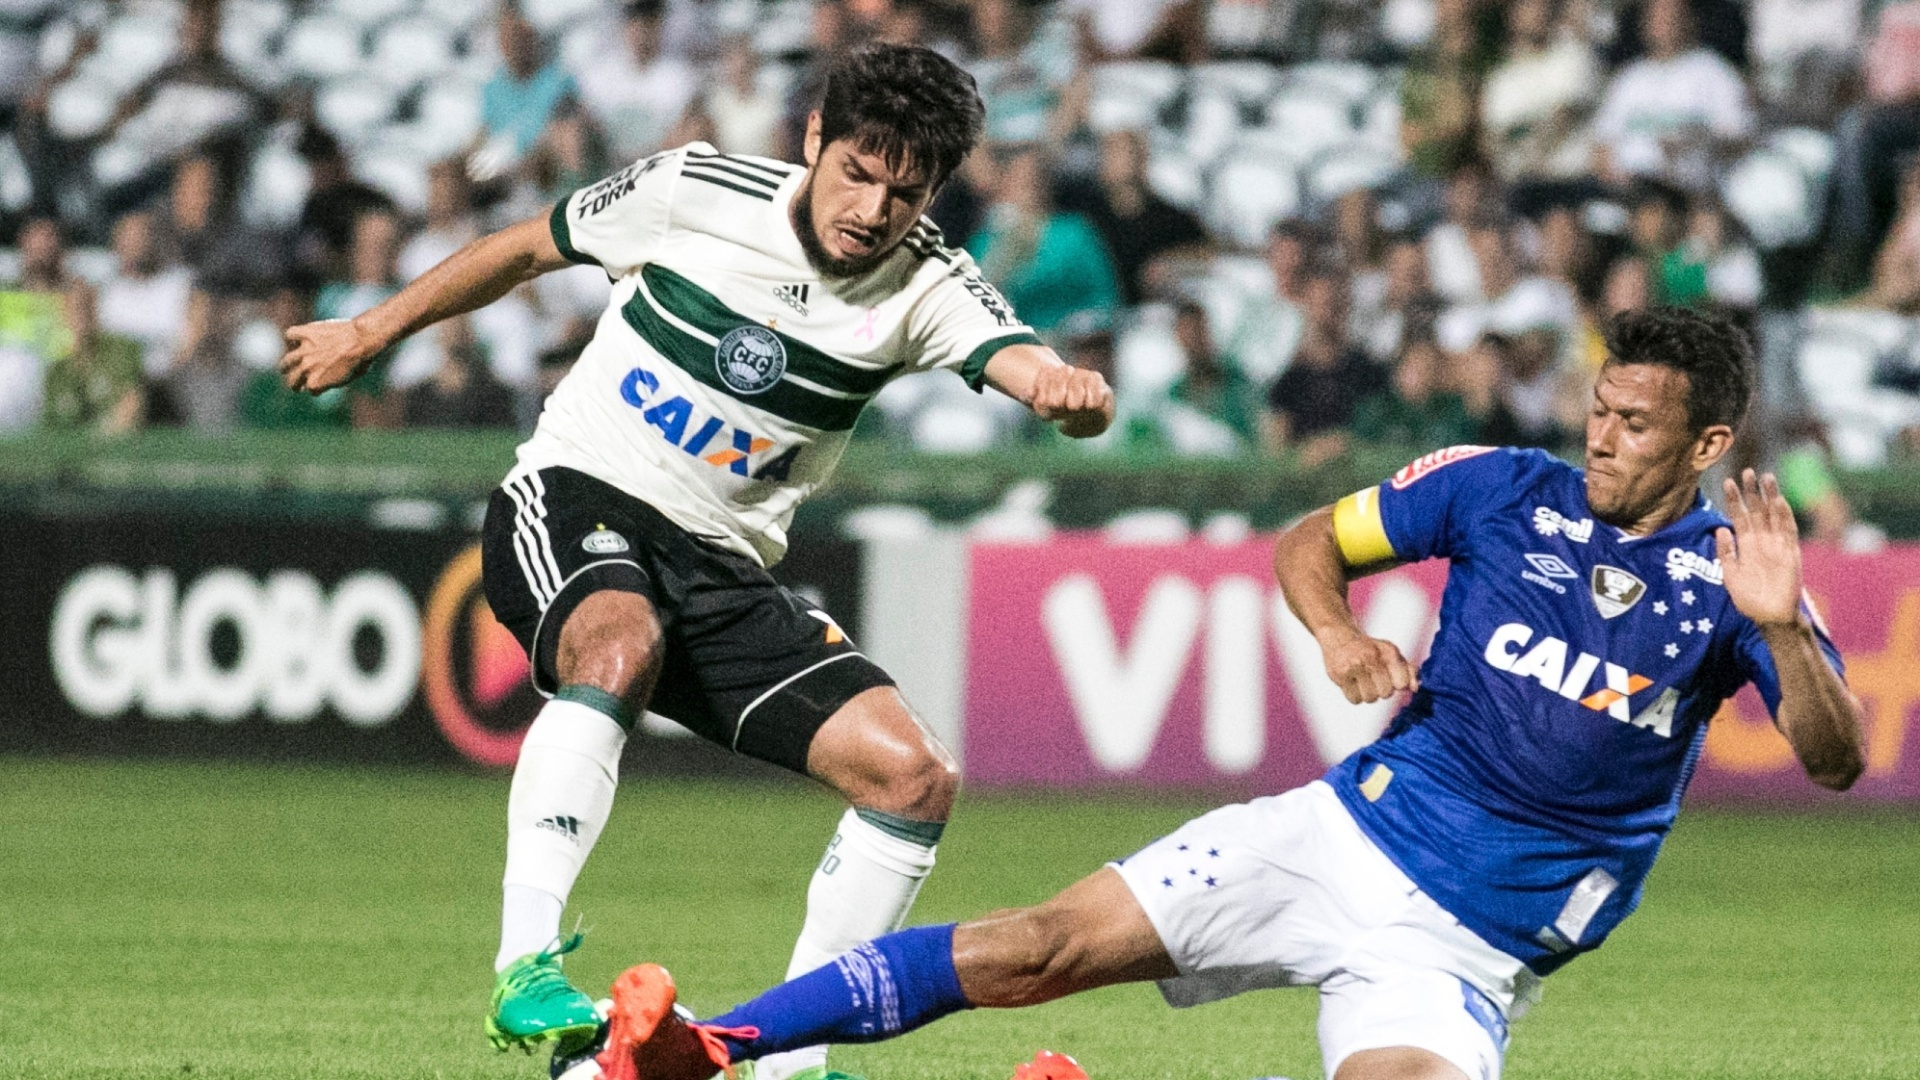 Henrique, do Cruzeiro, dá um carrinho em Tiago Real, do Coritiba